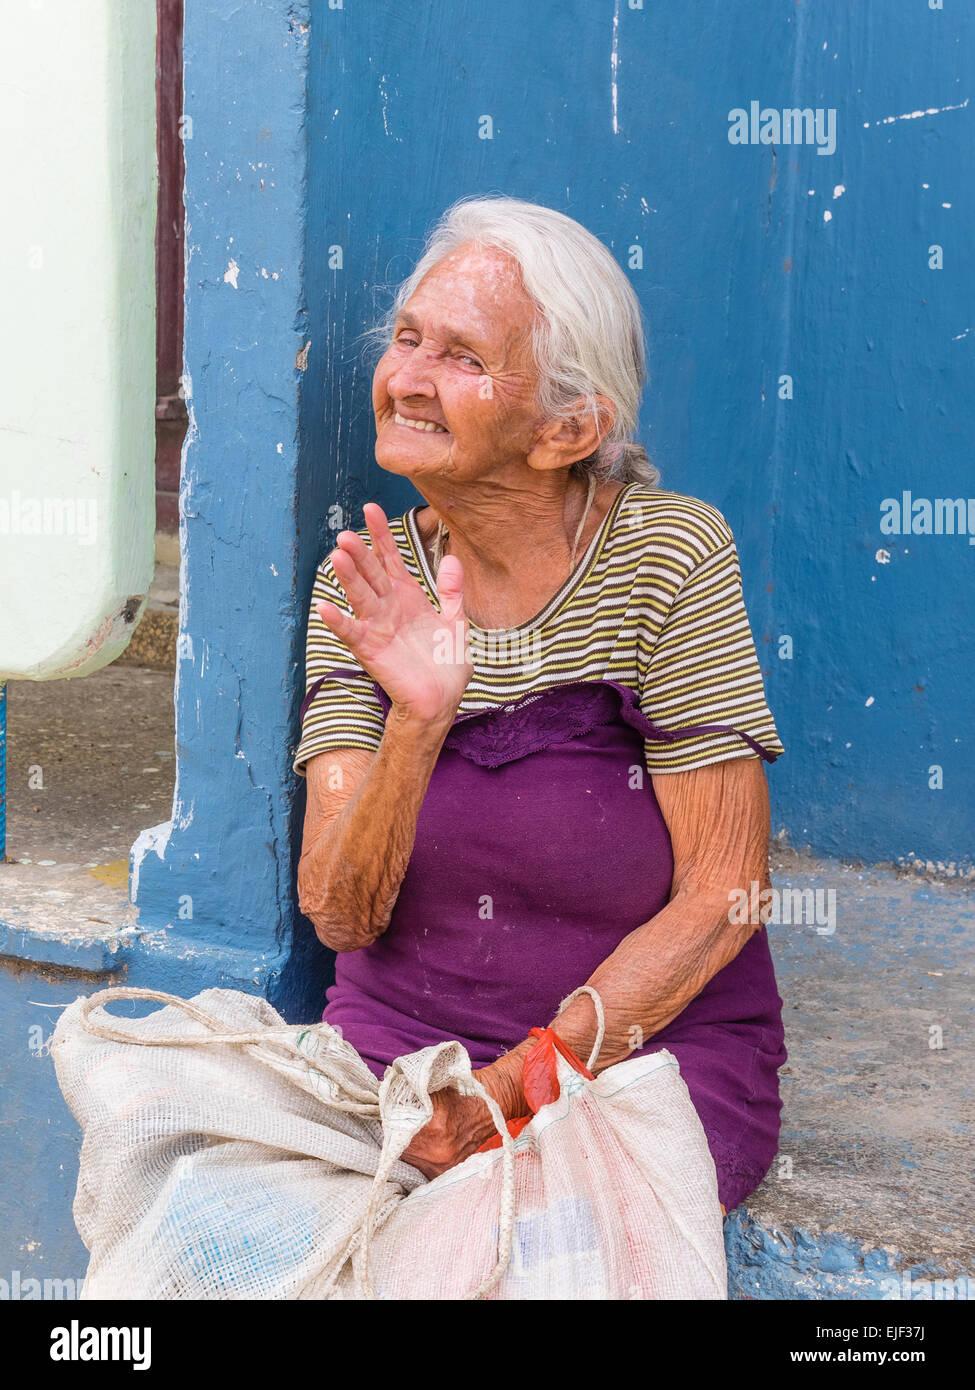 Eine lustige weiblichen Senioren Gesten und lächelt, als sie nach vorne in Siboney, Kuba gegenübersteht. Stockbild